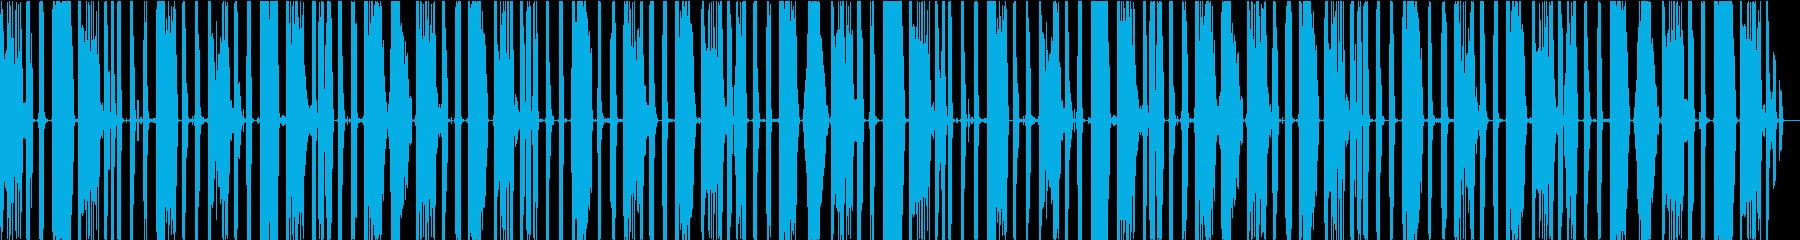 ボイスパーカッション・ビートボックス_3の再生済みの波形